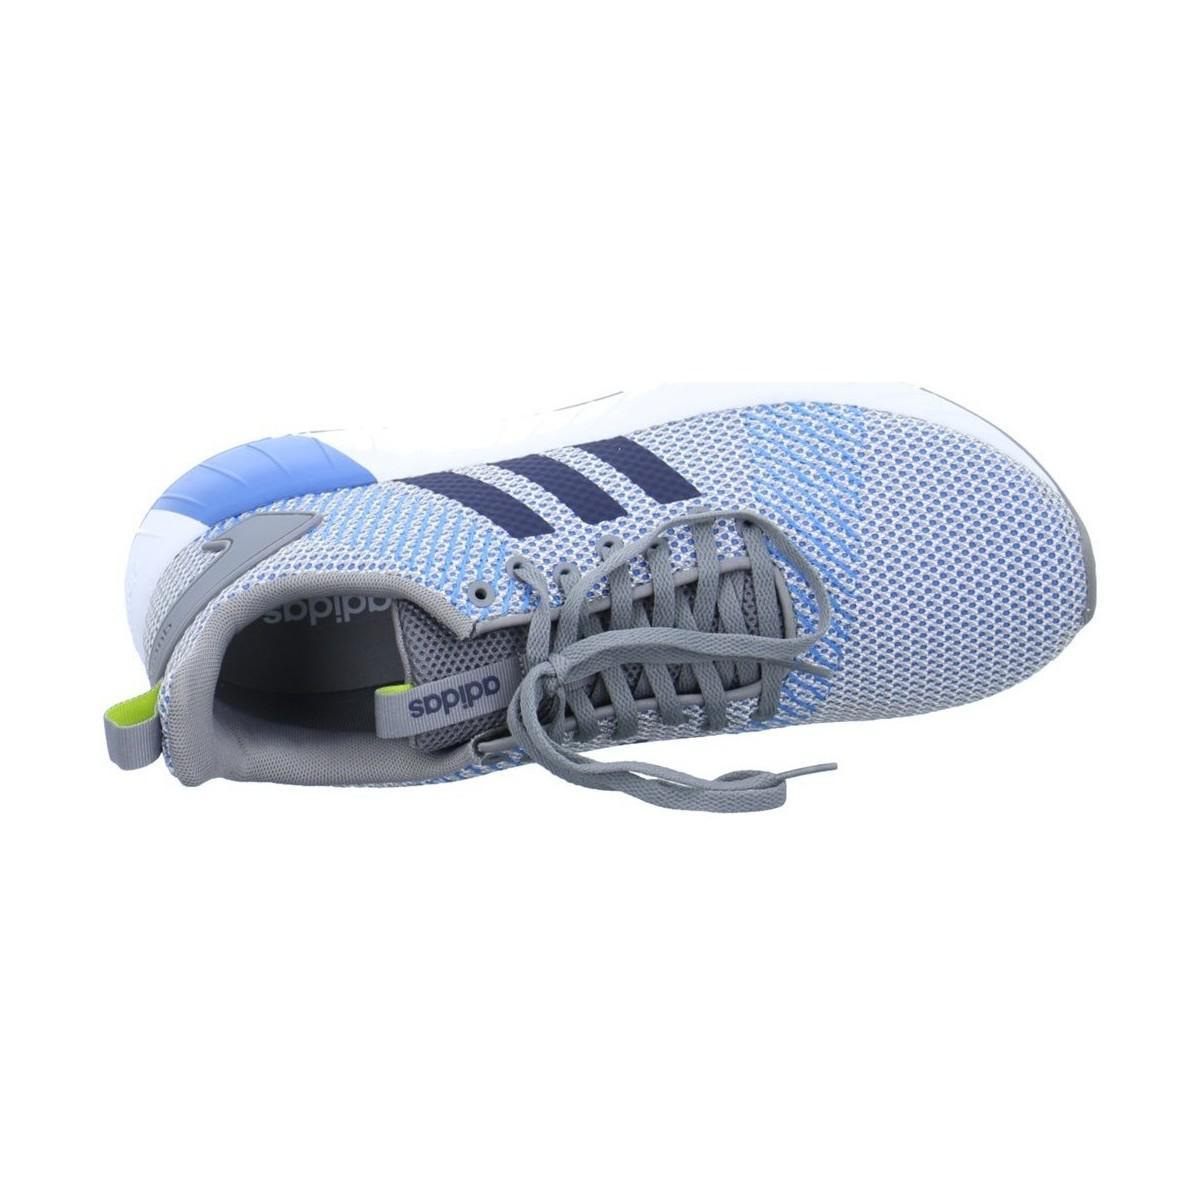 Lyst Lyst Lyst Adidas de Questar Byd Zapatos de mujer in (zapatillas 064ec4